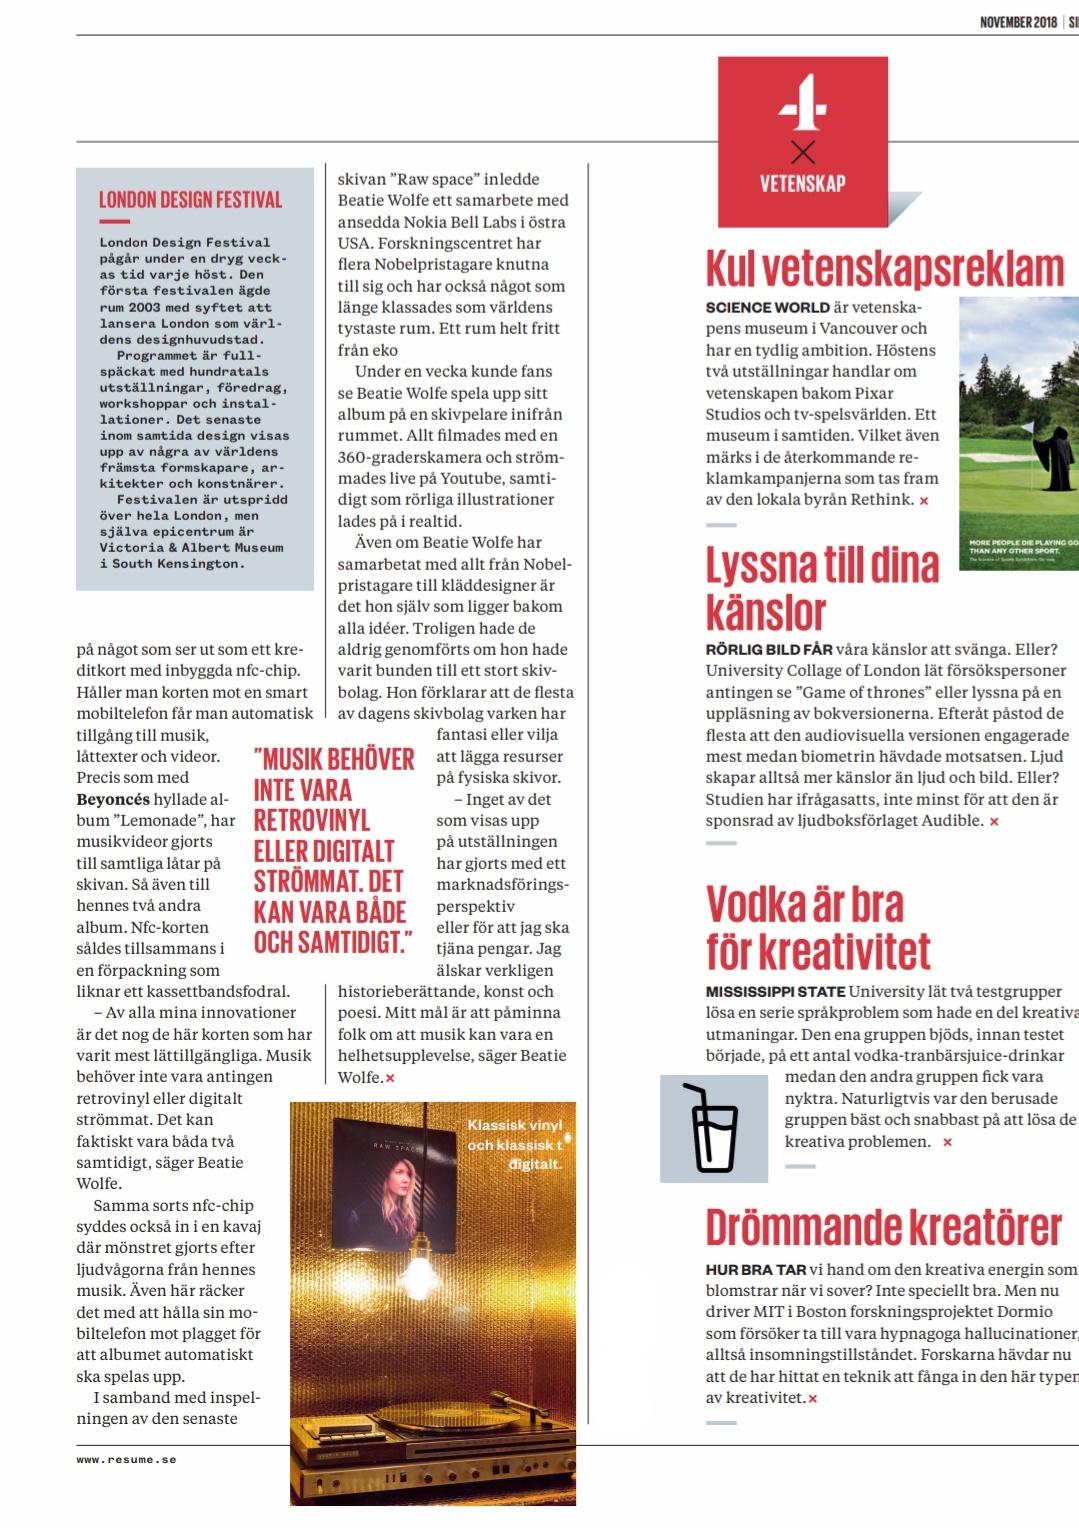 Resume Magazine (Sweden) on Beatie Wolfe p.19